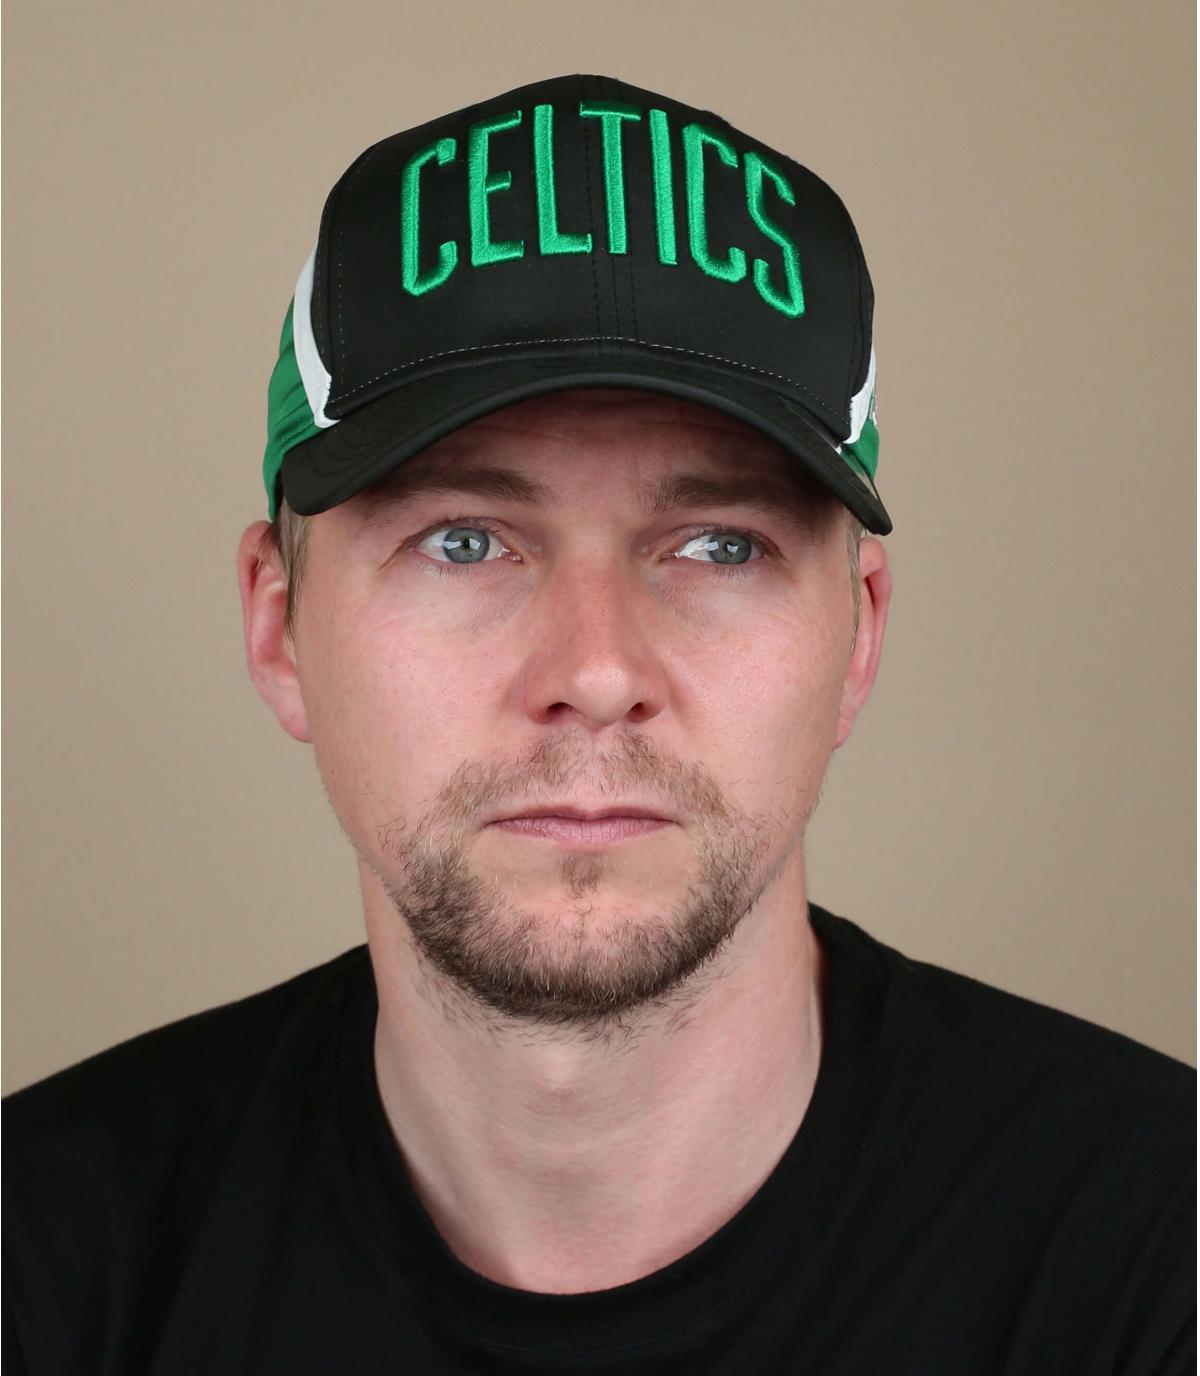 Cappellino verde nero Celtics